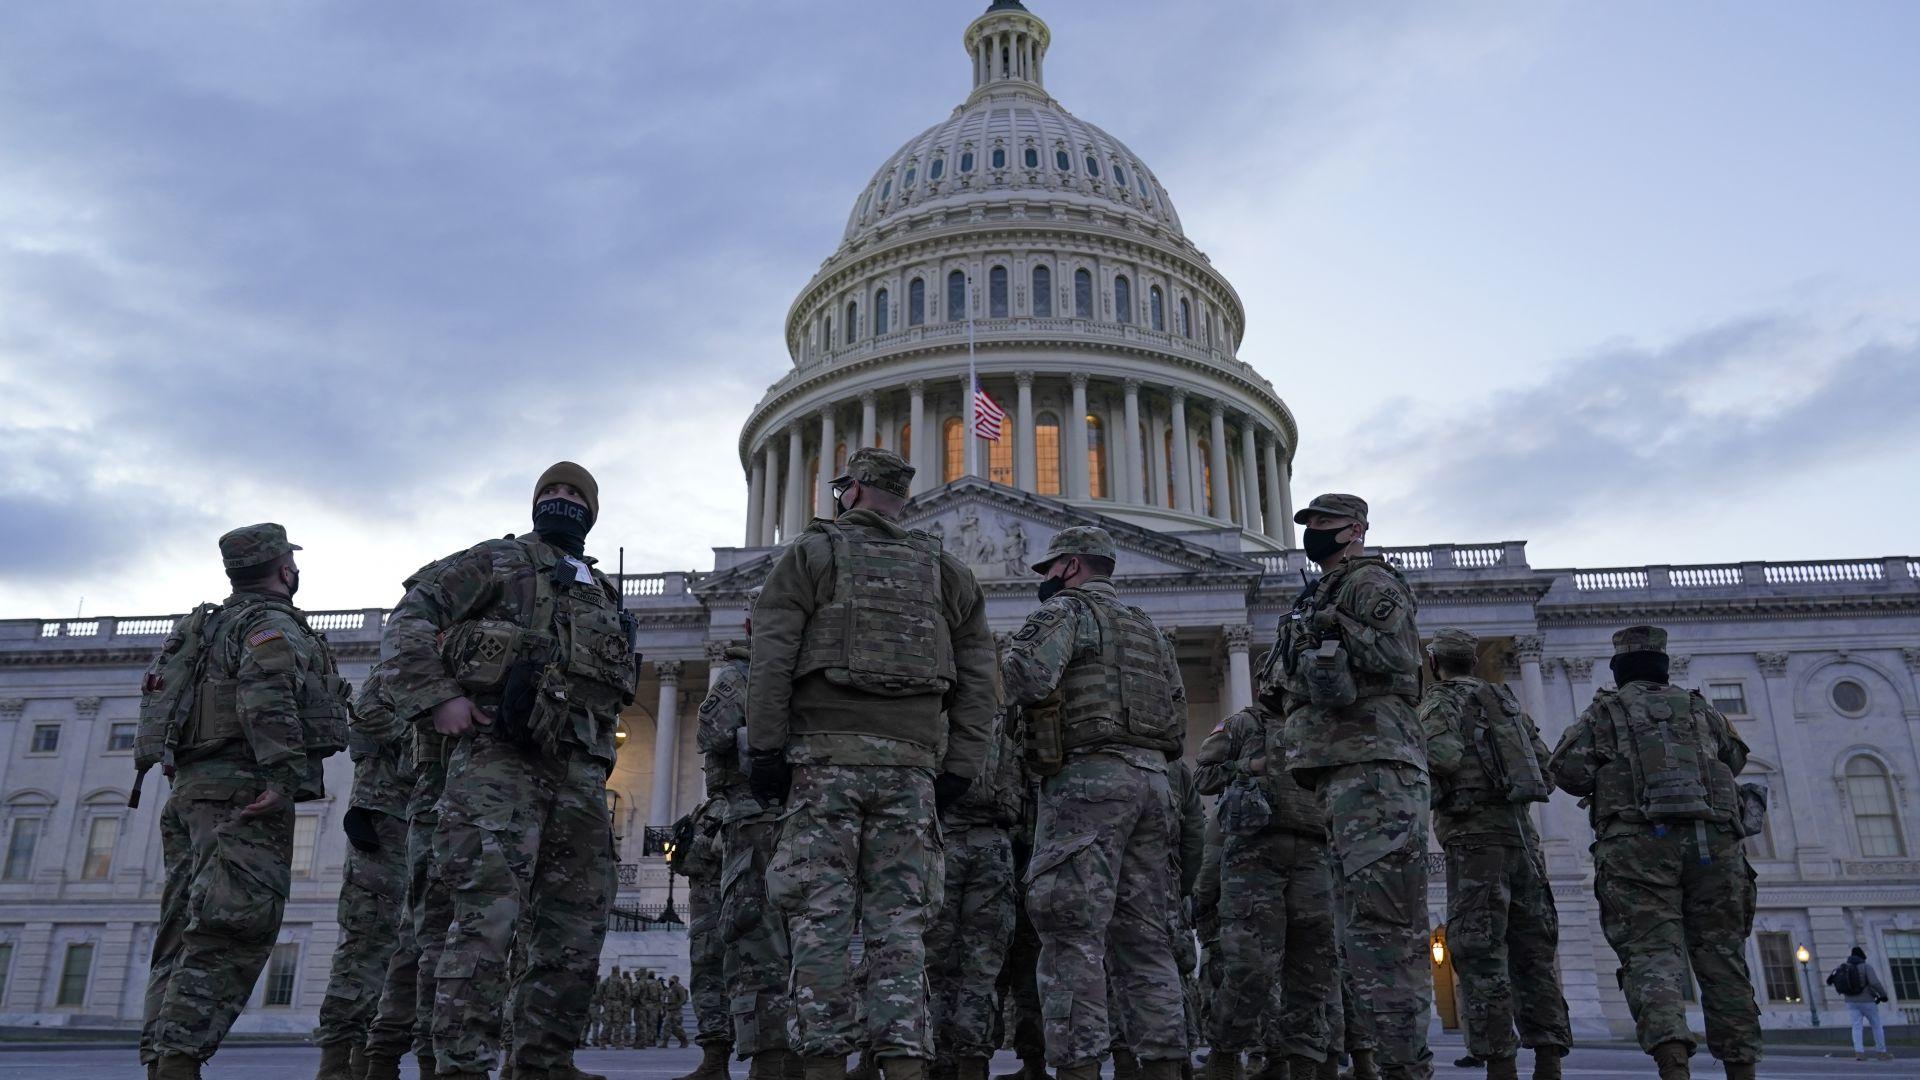 Последен ден на Тръмп в Белия дом: Центърът на Вашингтон прилича на военен лагер (снимки)